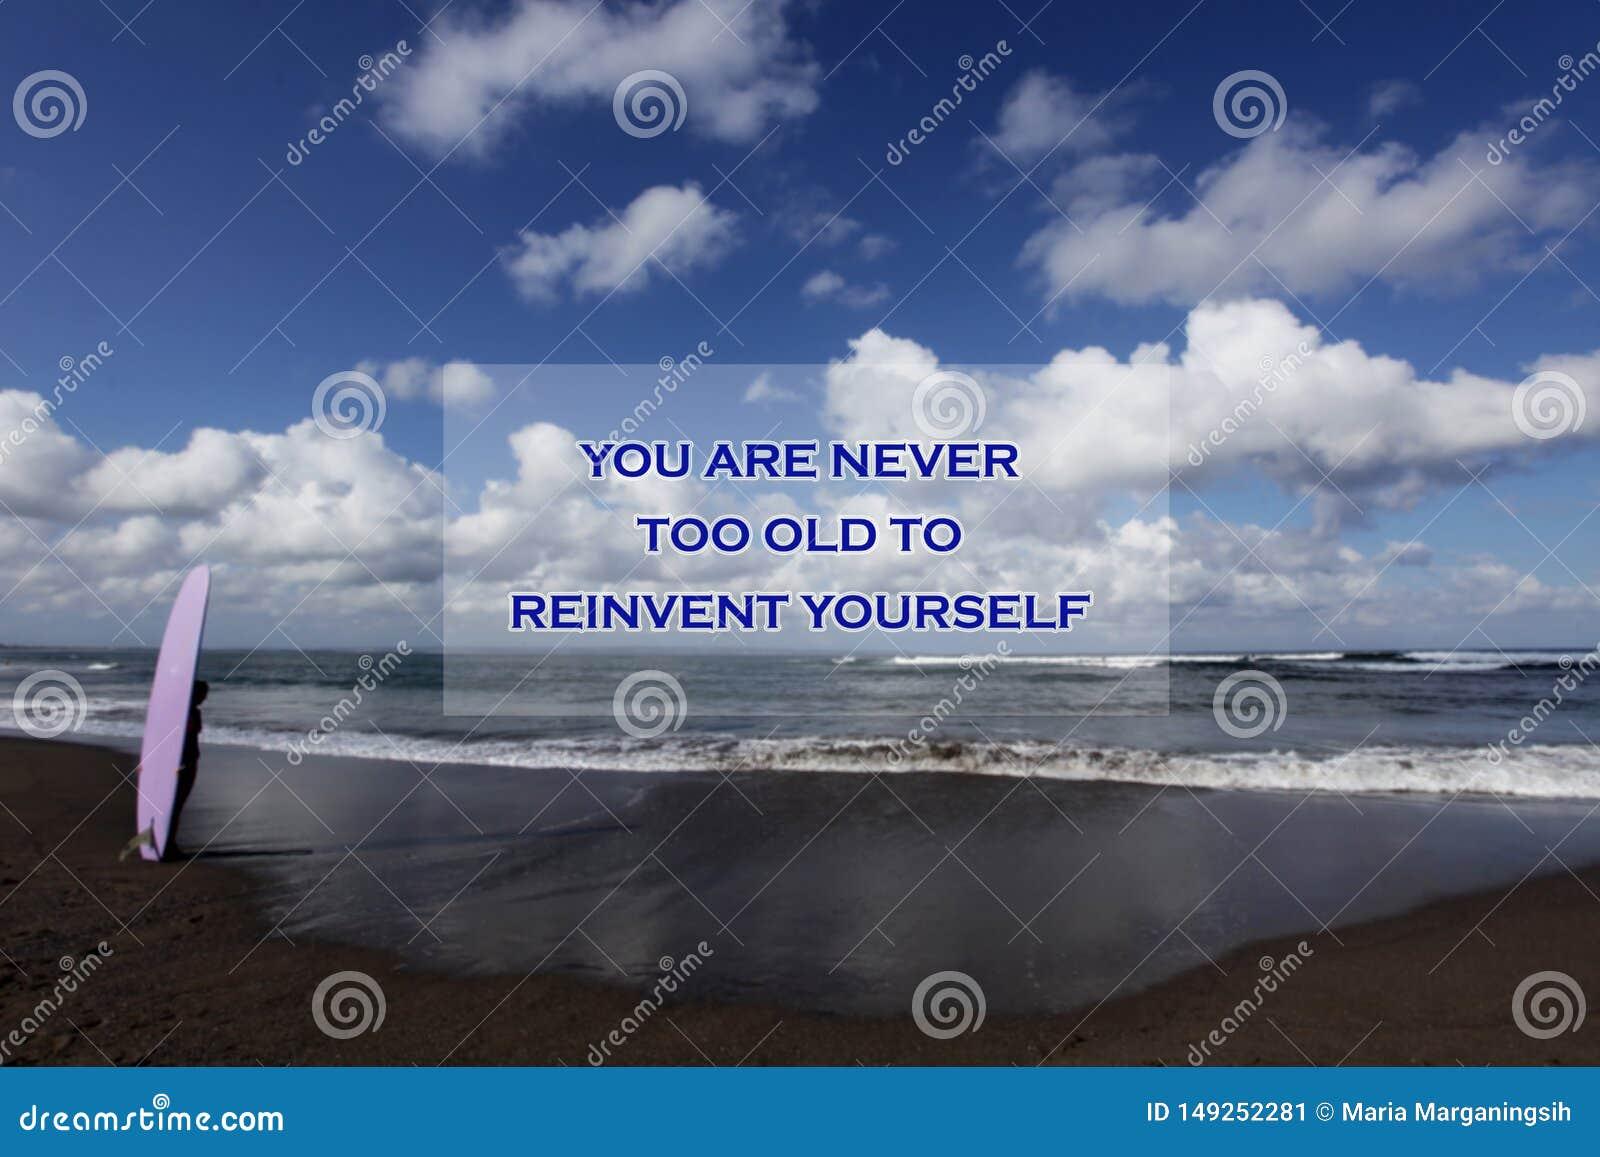 Det inspirerande motivational citationstecknet är du aldrig för gammal att uppfinna sig på nytt Med oskarp bild av ett ungt surfa